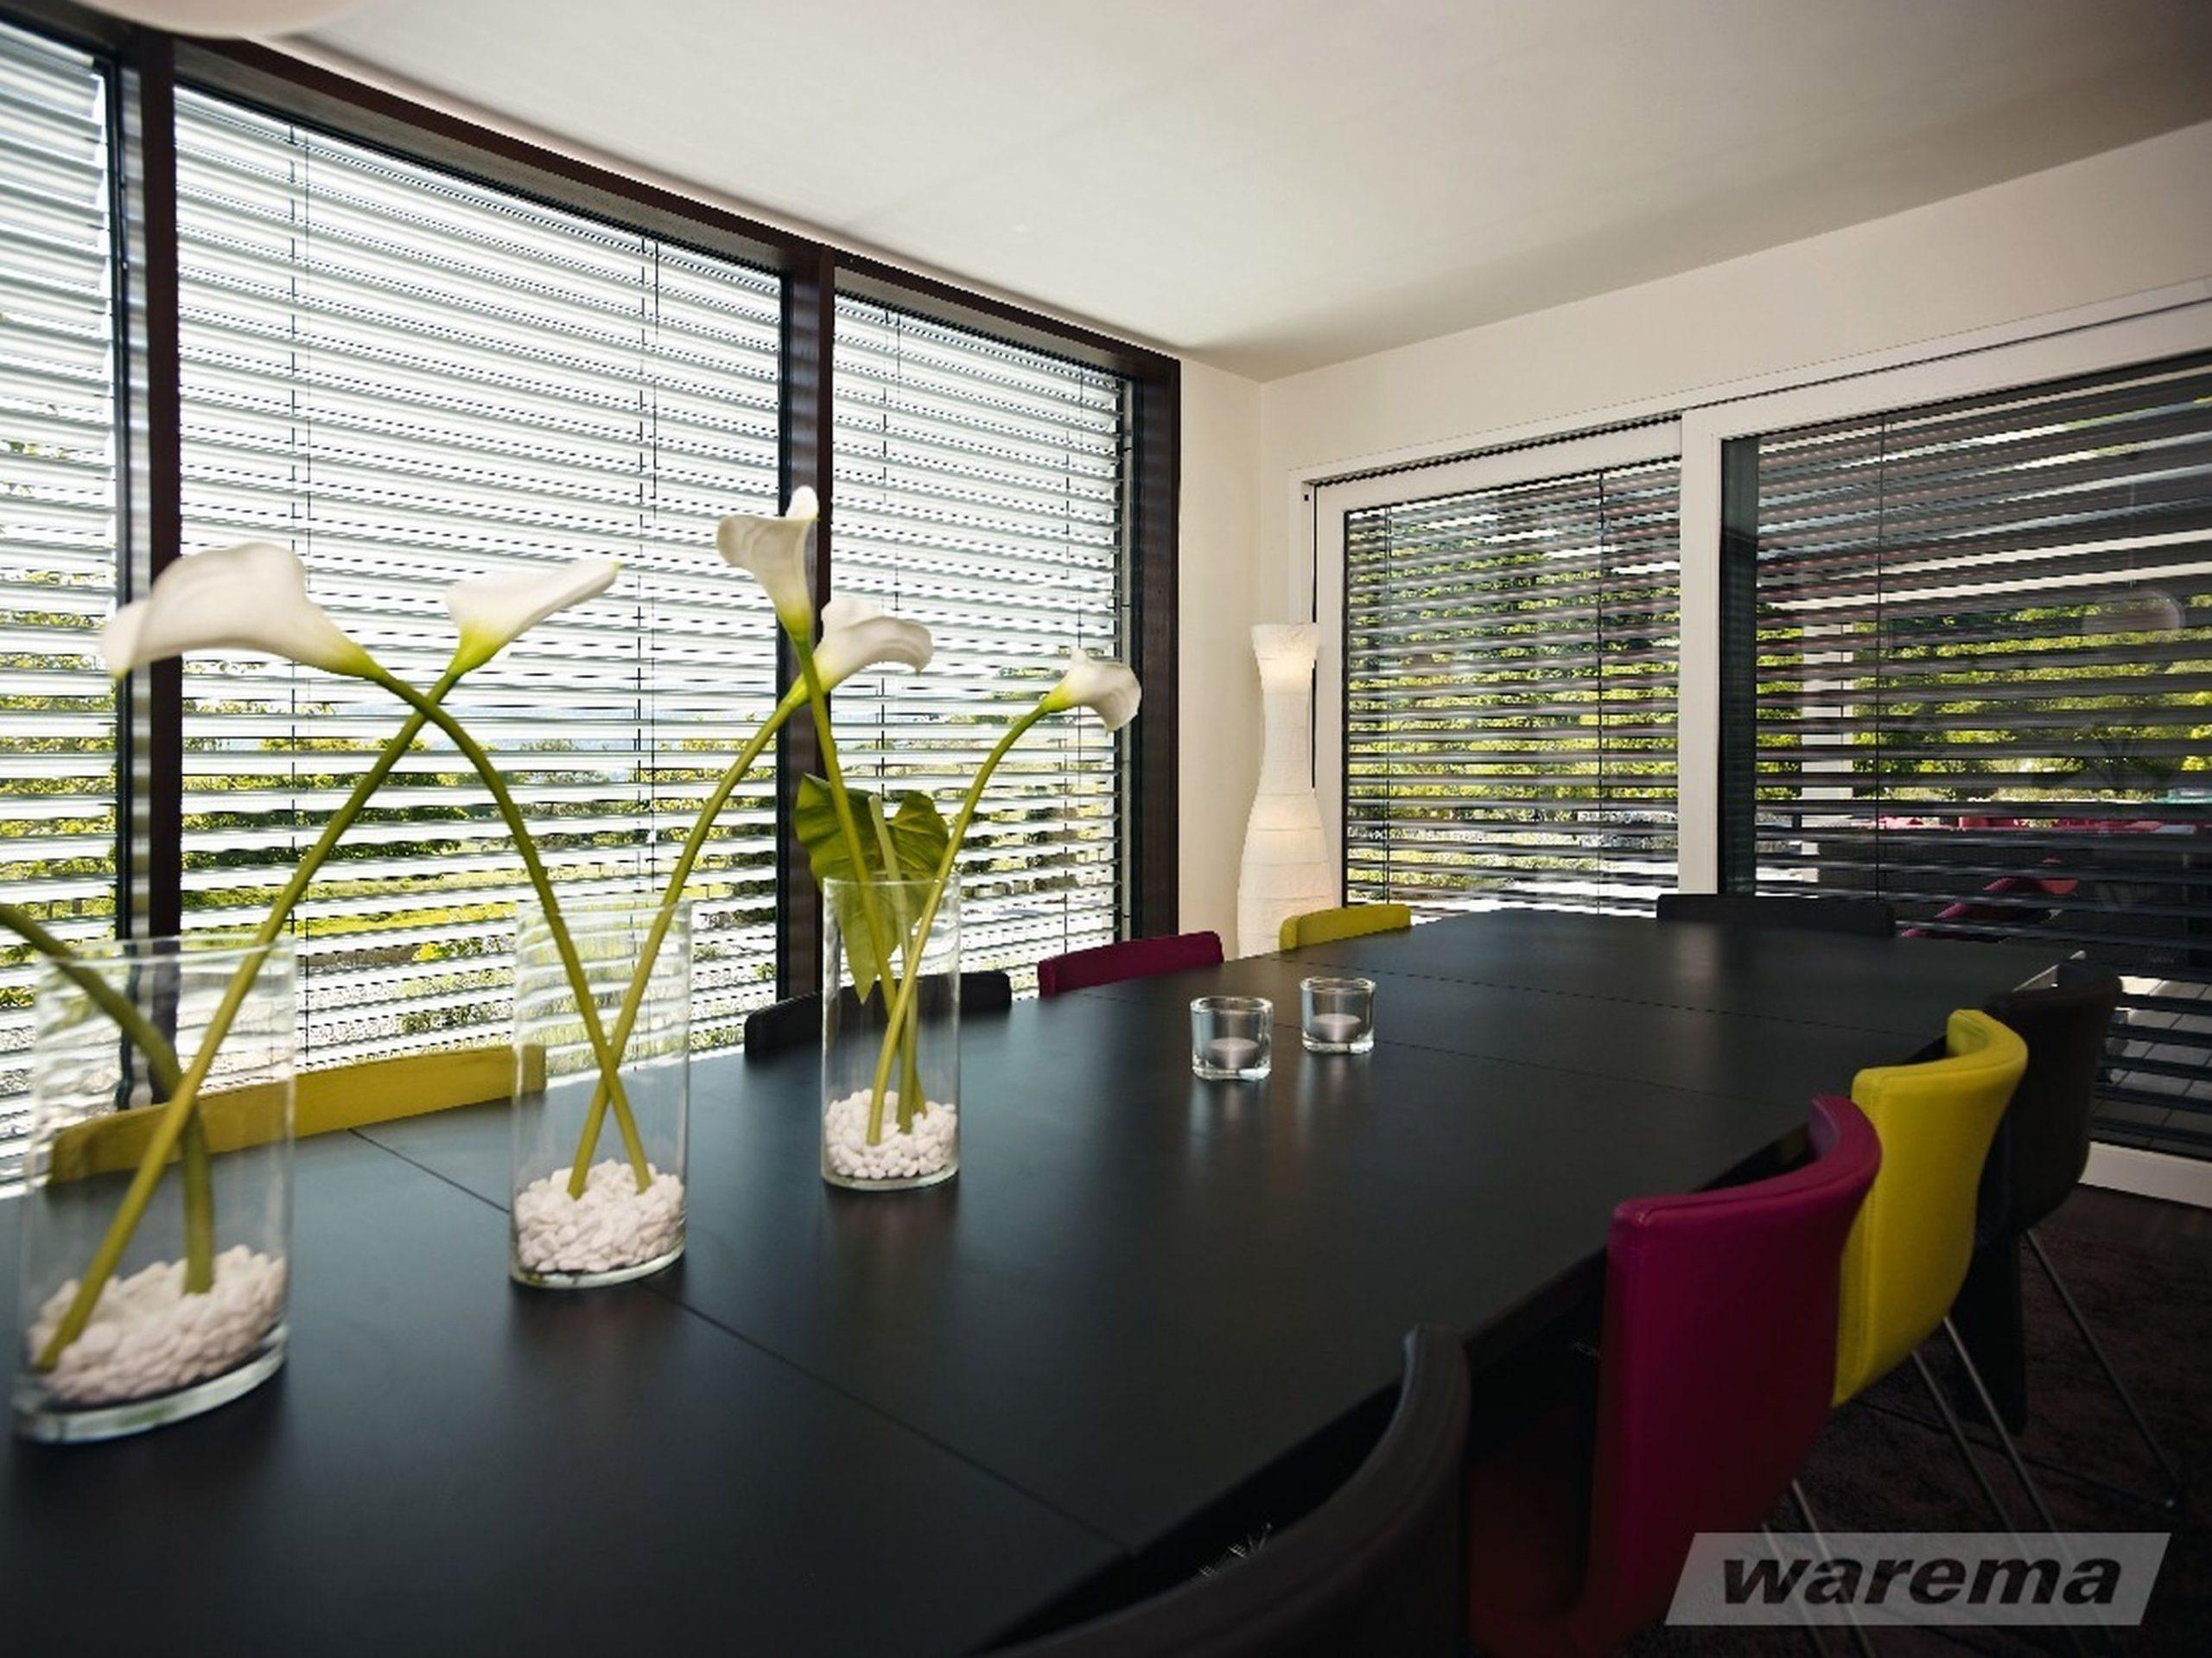 ac-kern-sonnenschutz-rollladen-raffstor-warema-roma-0006-scaled Rollladen & Sonnenschutz